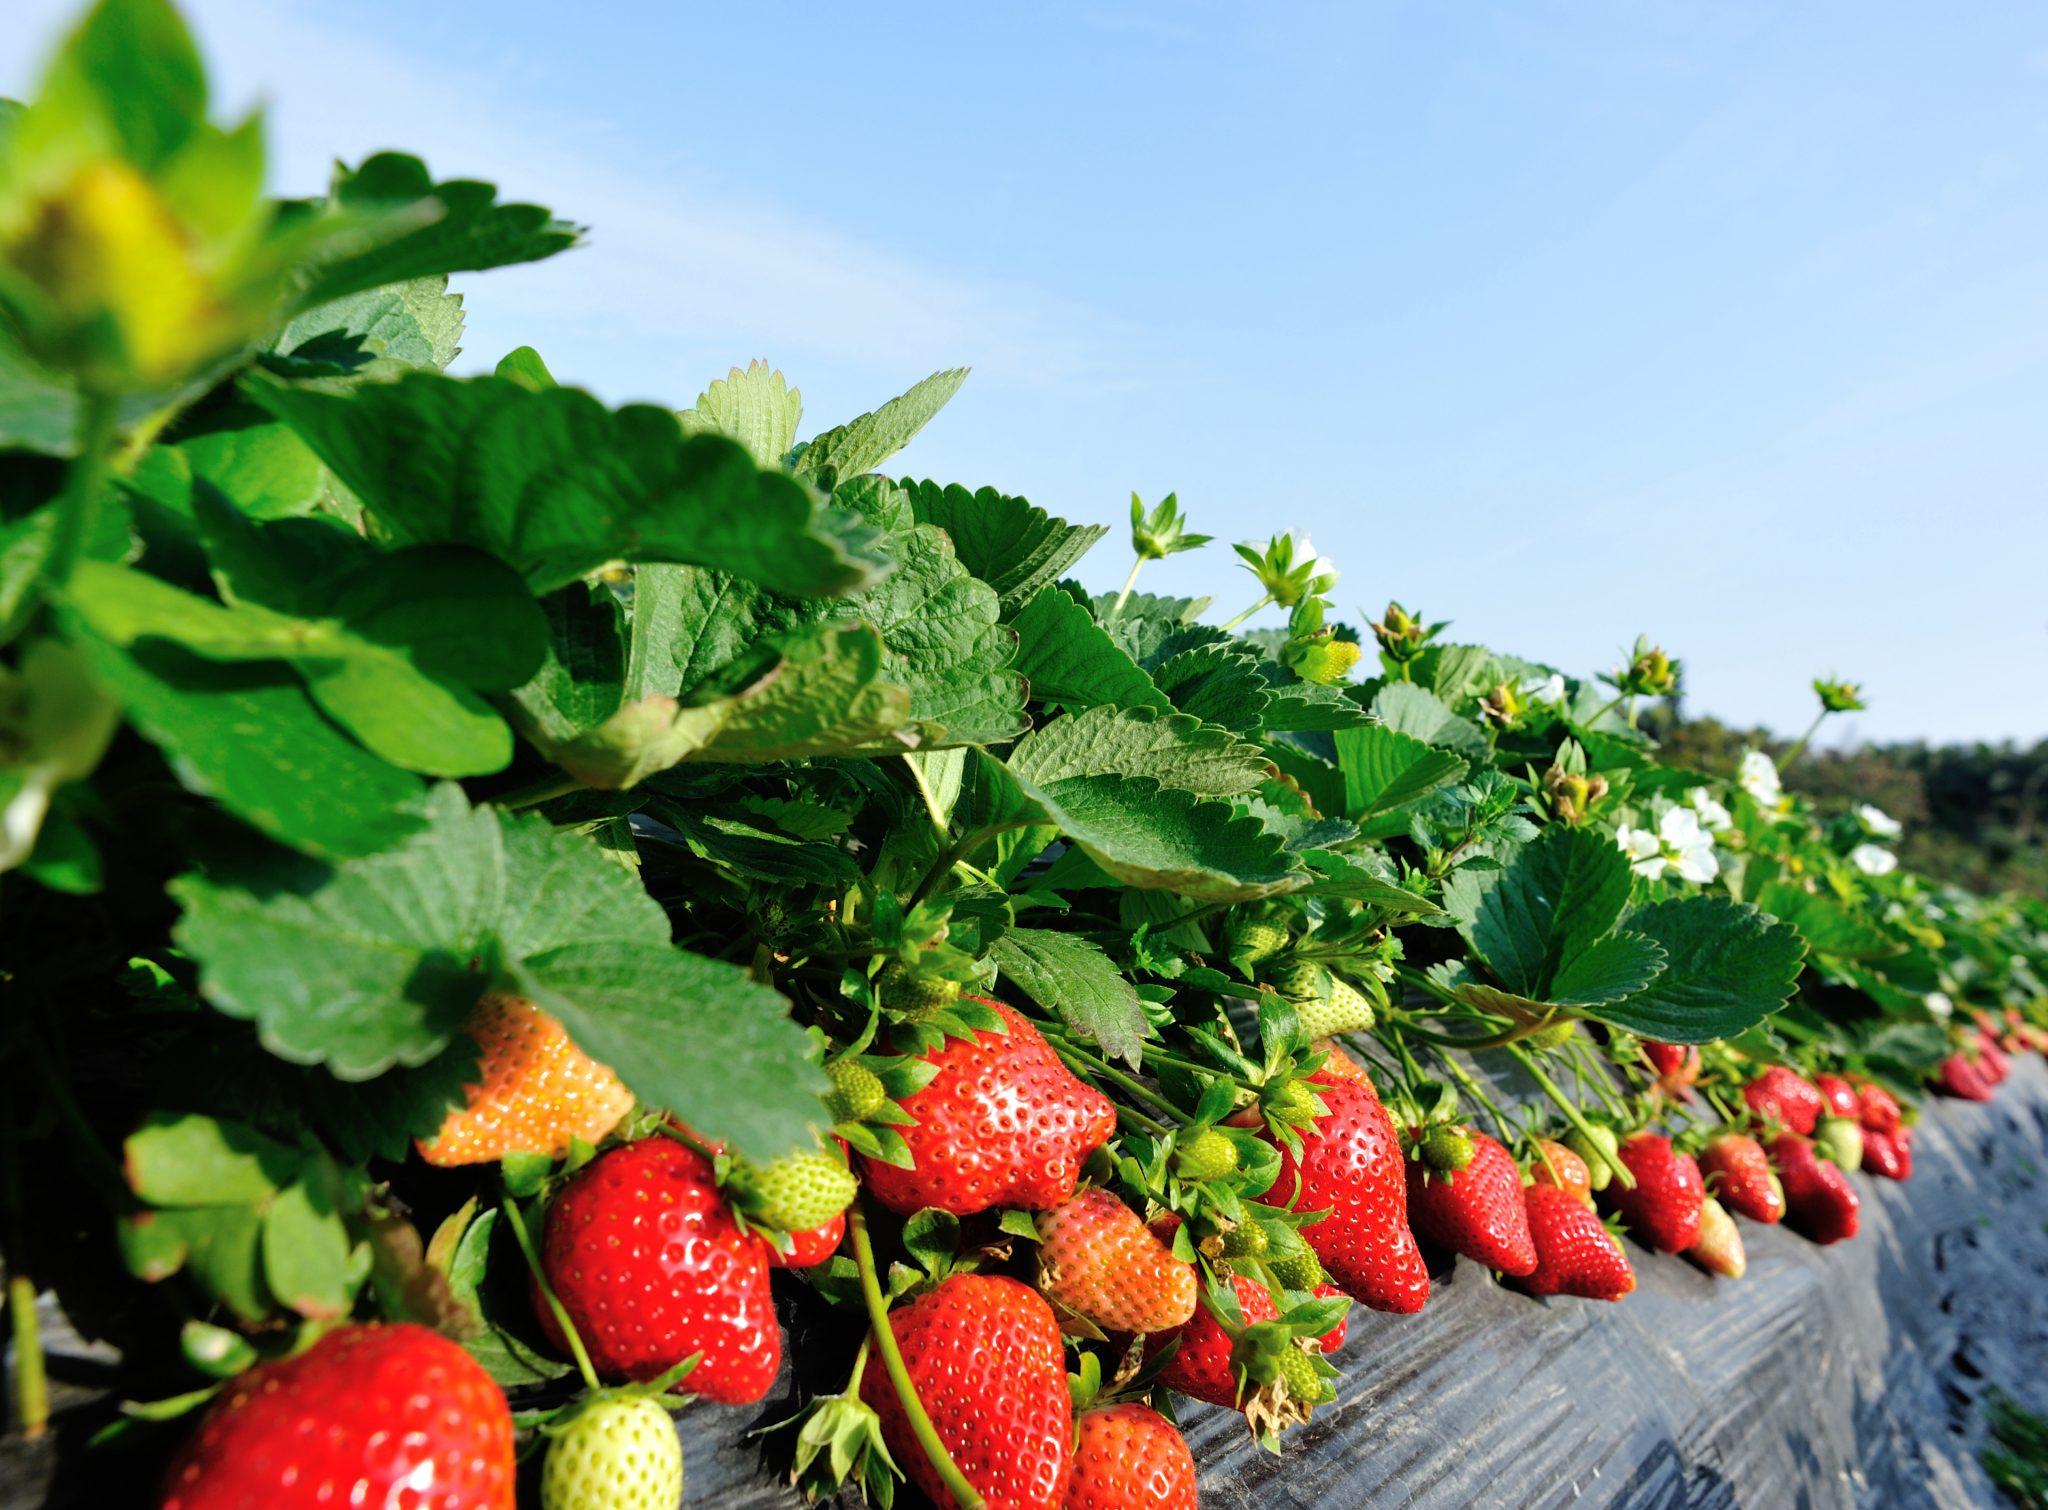 Strawberries growing in field